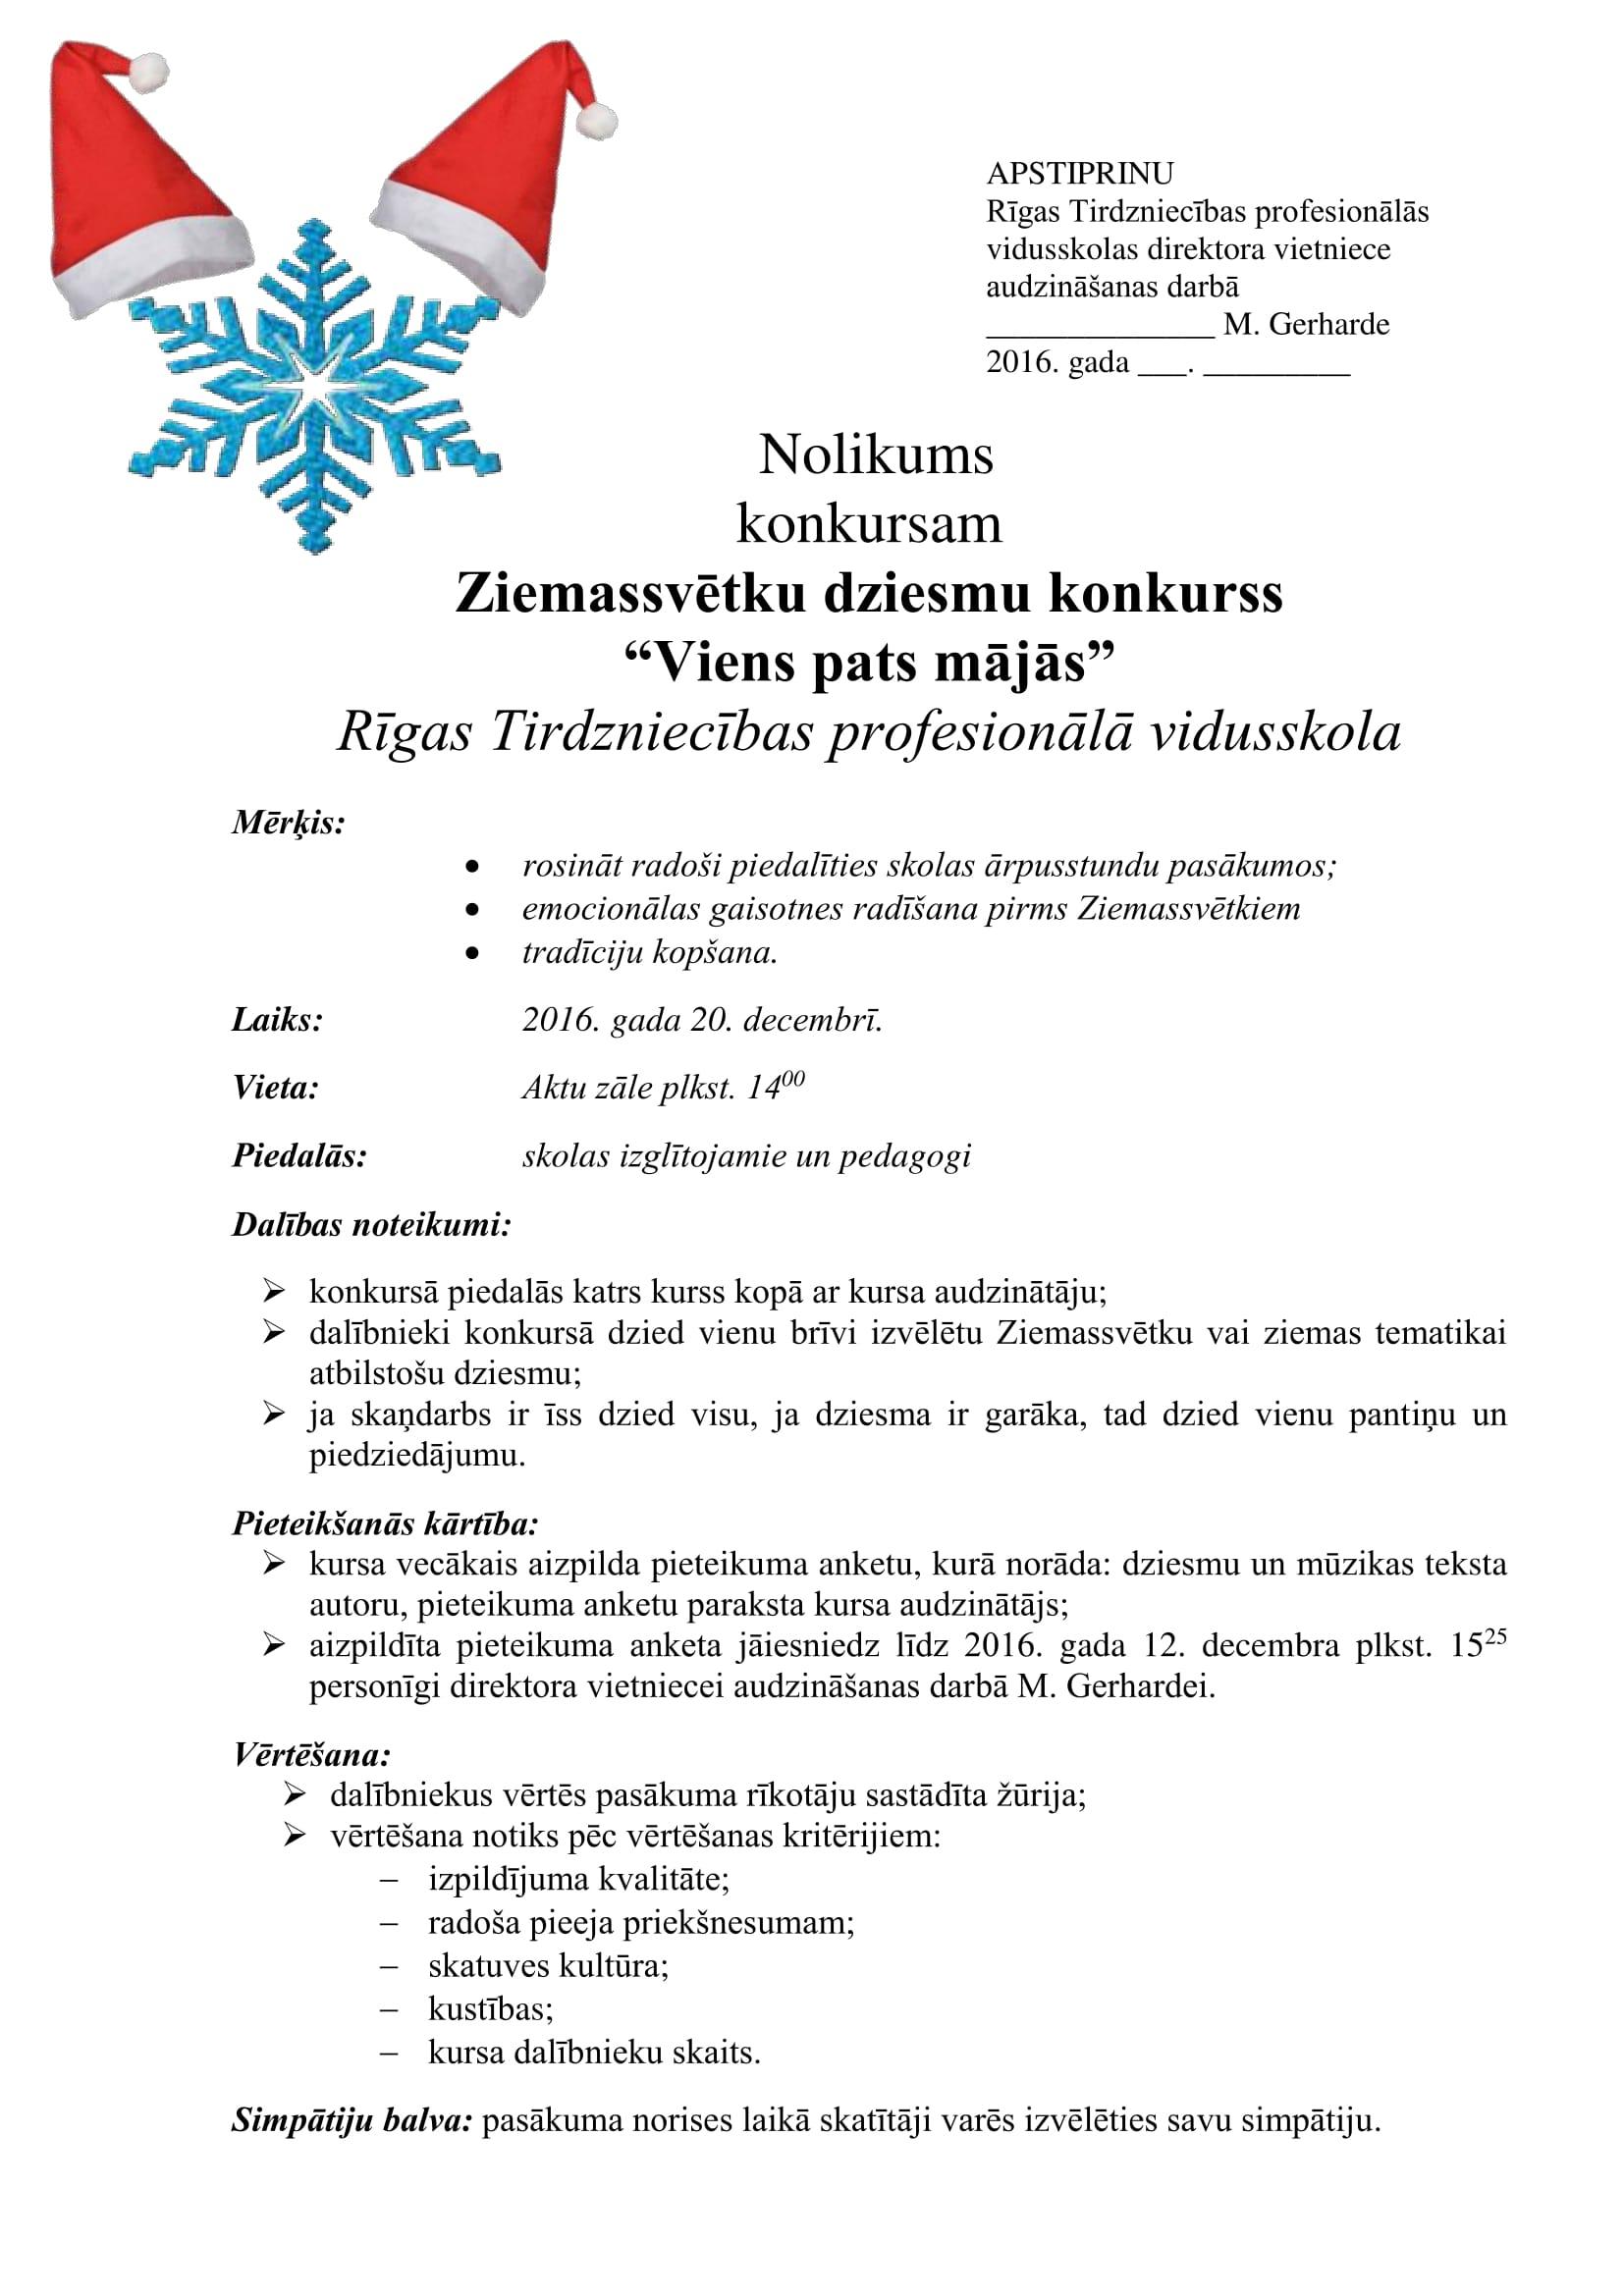 nolikums_ziemassv_otki_2016-konkurss-1